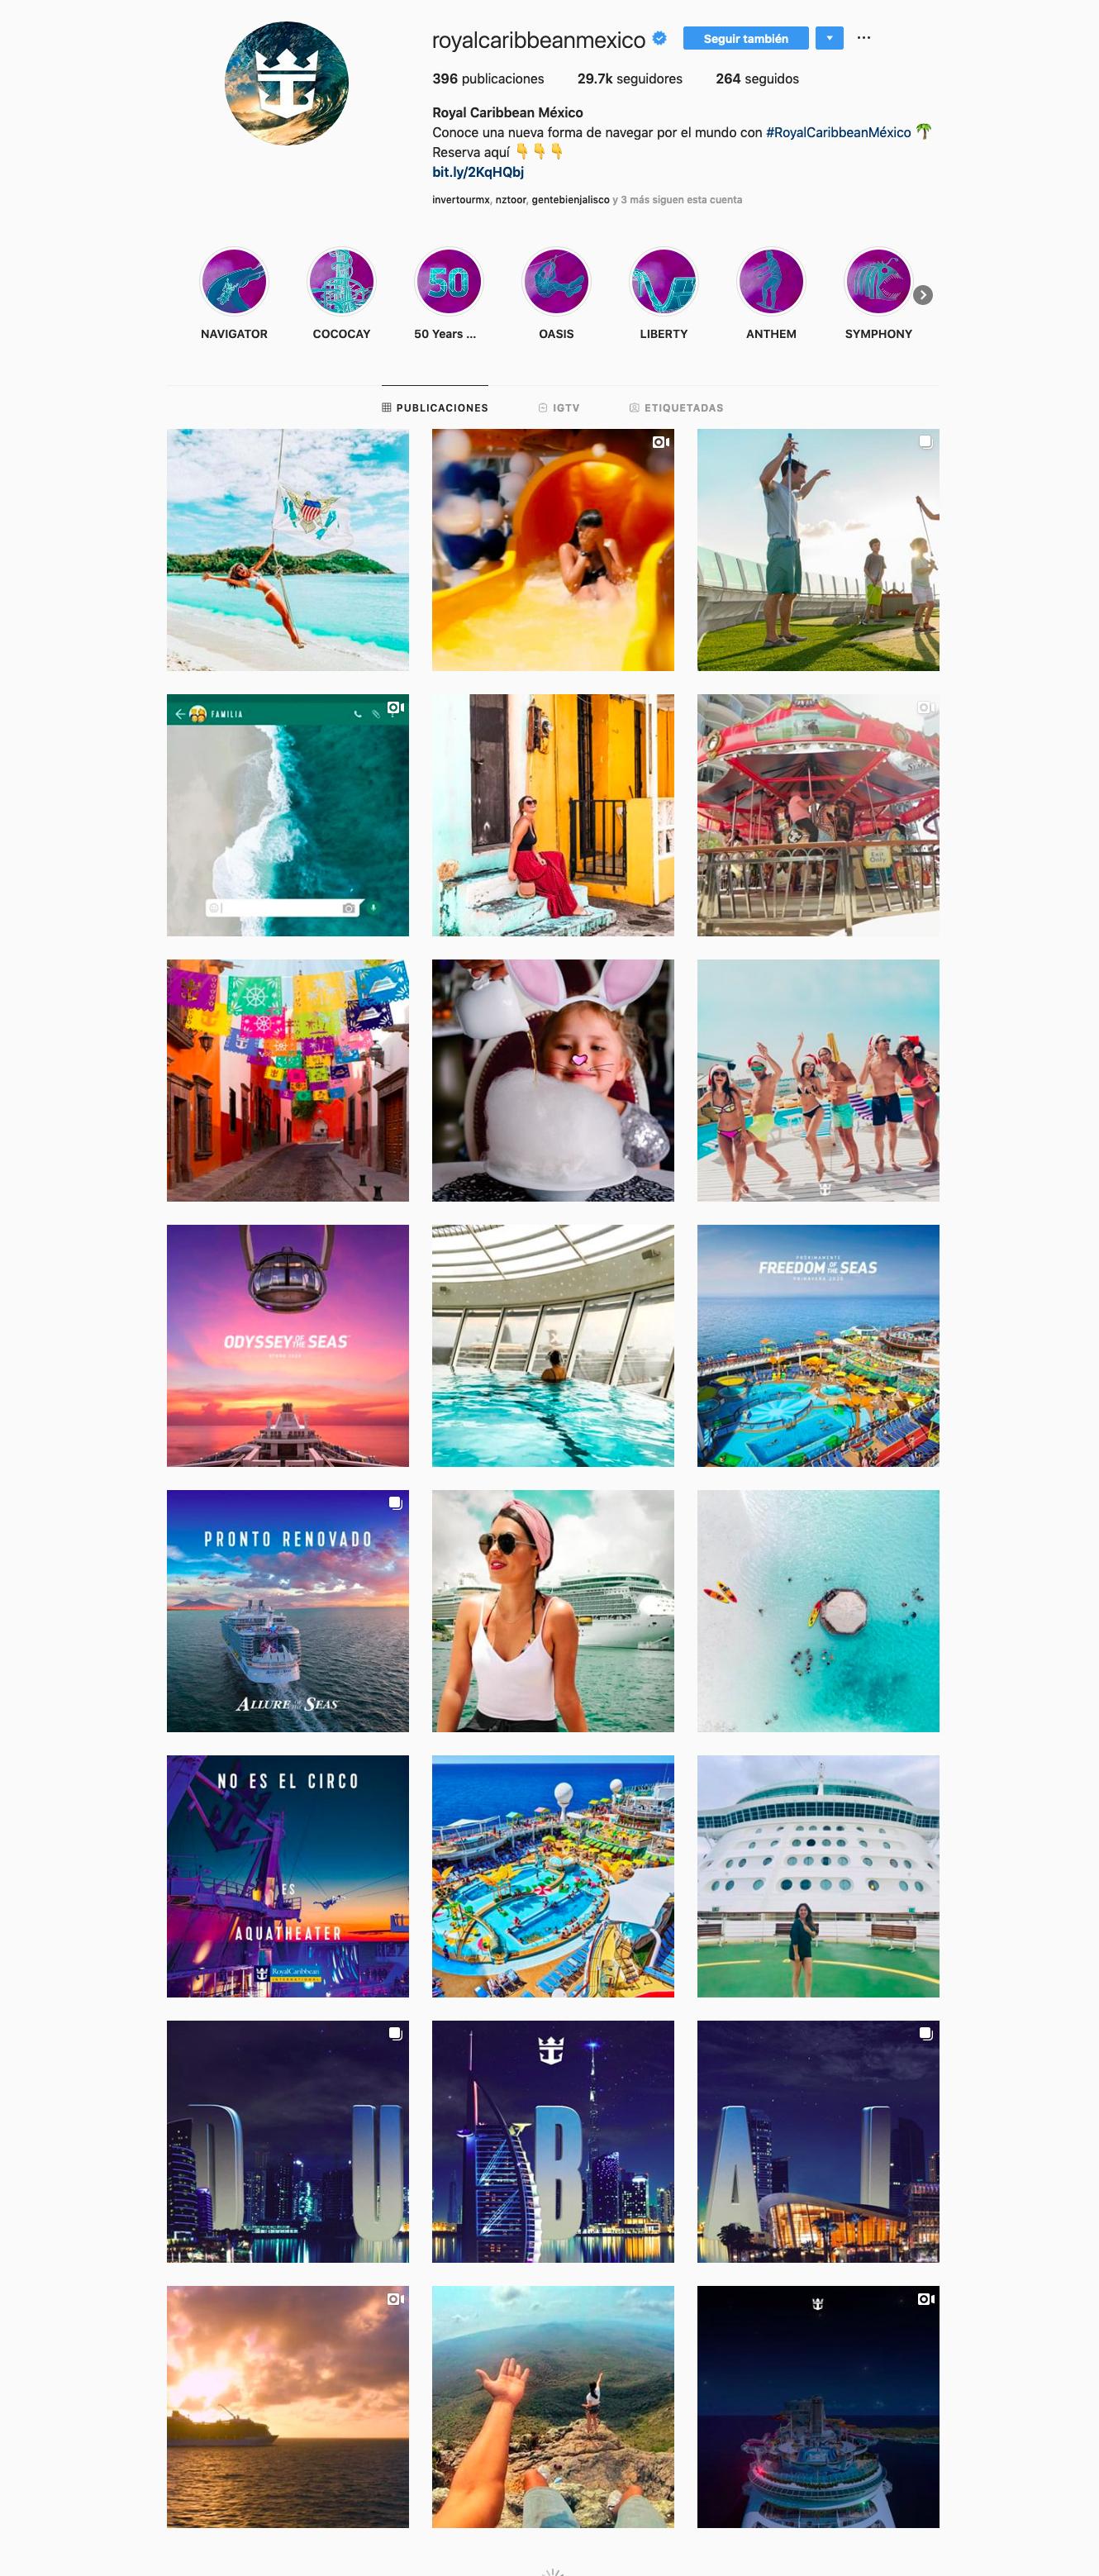 screenshot_2020-01-05-royal-caribbean-mecc81xico-royalcaribbeanmexico-e280a2-fotos-y-videos-de-instagram.jpg